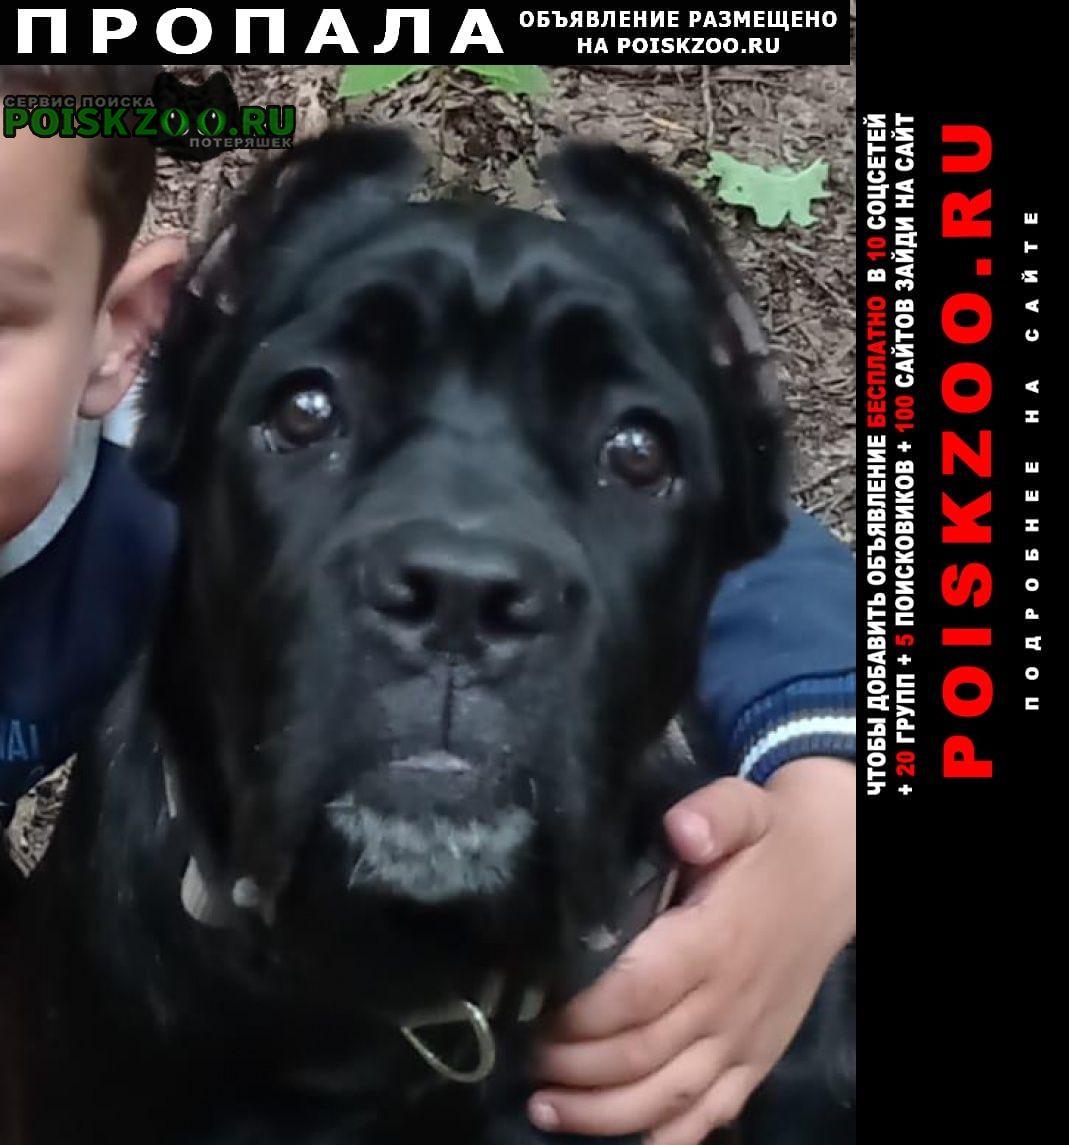 Пропала собака убежала кане корса Видное